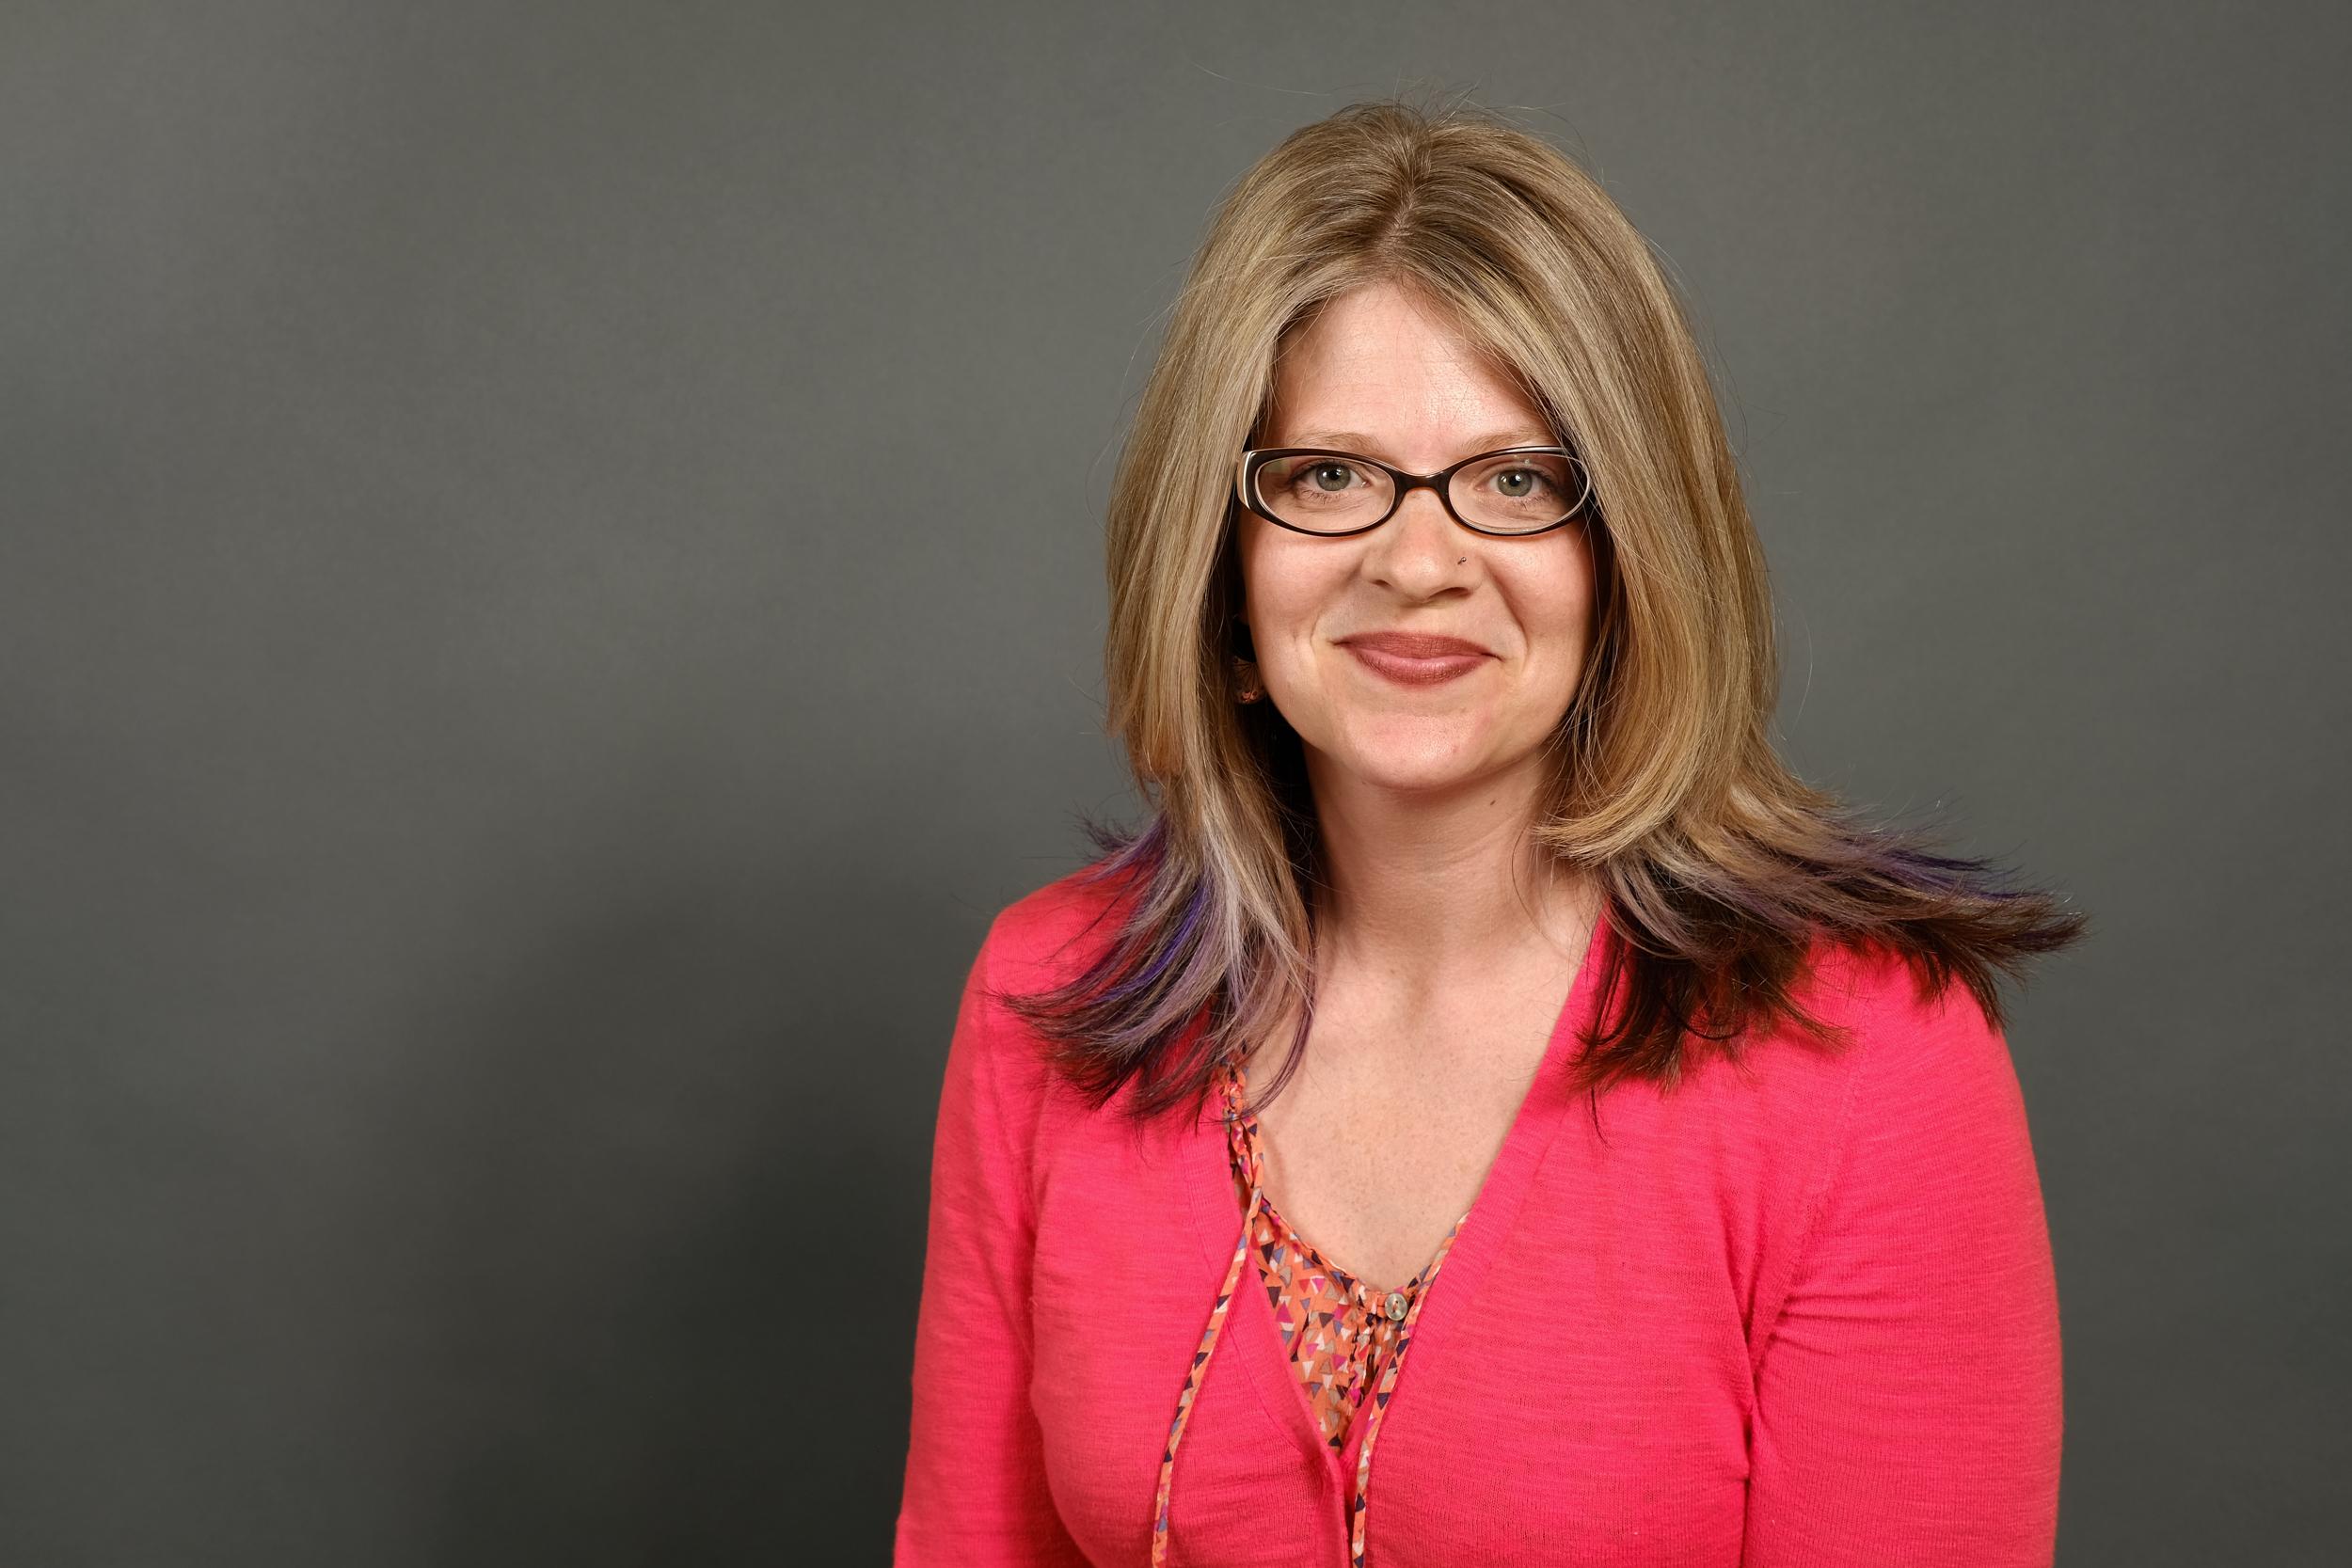 Angela Lyonsmith